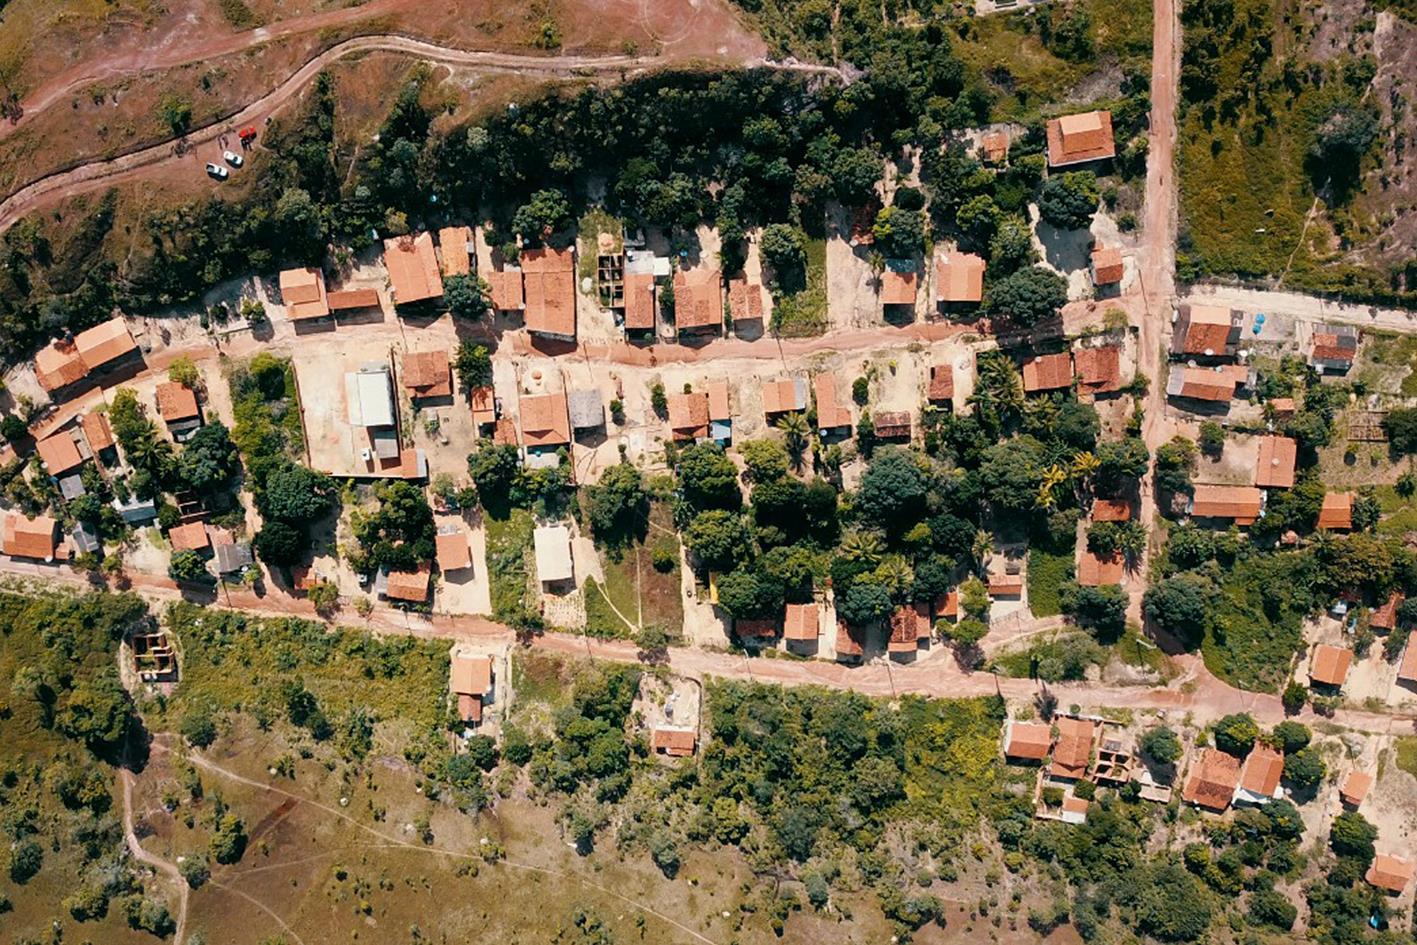 61 famílias que vivem no Setor Serrinha vão receber títulos de posse dos imóveis em Guaraí